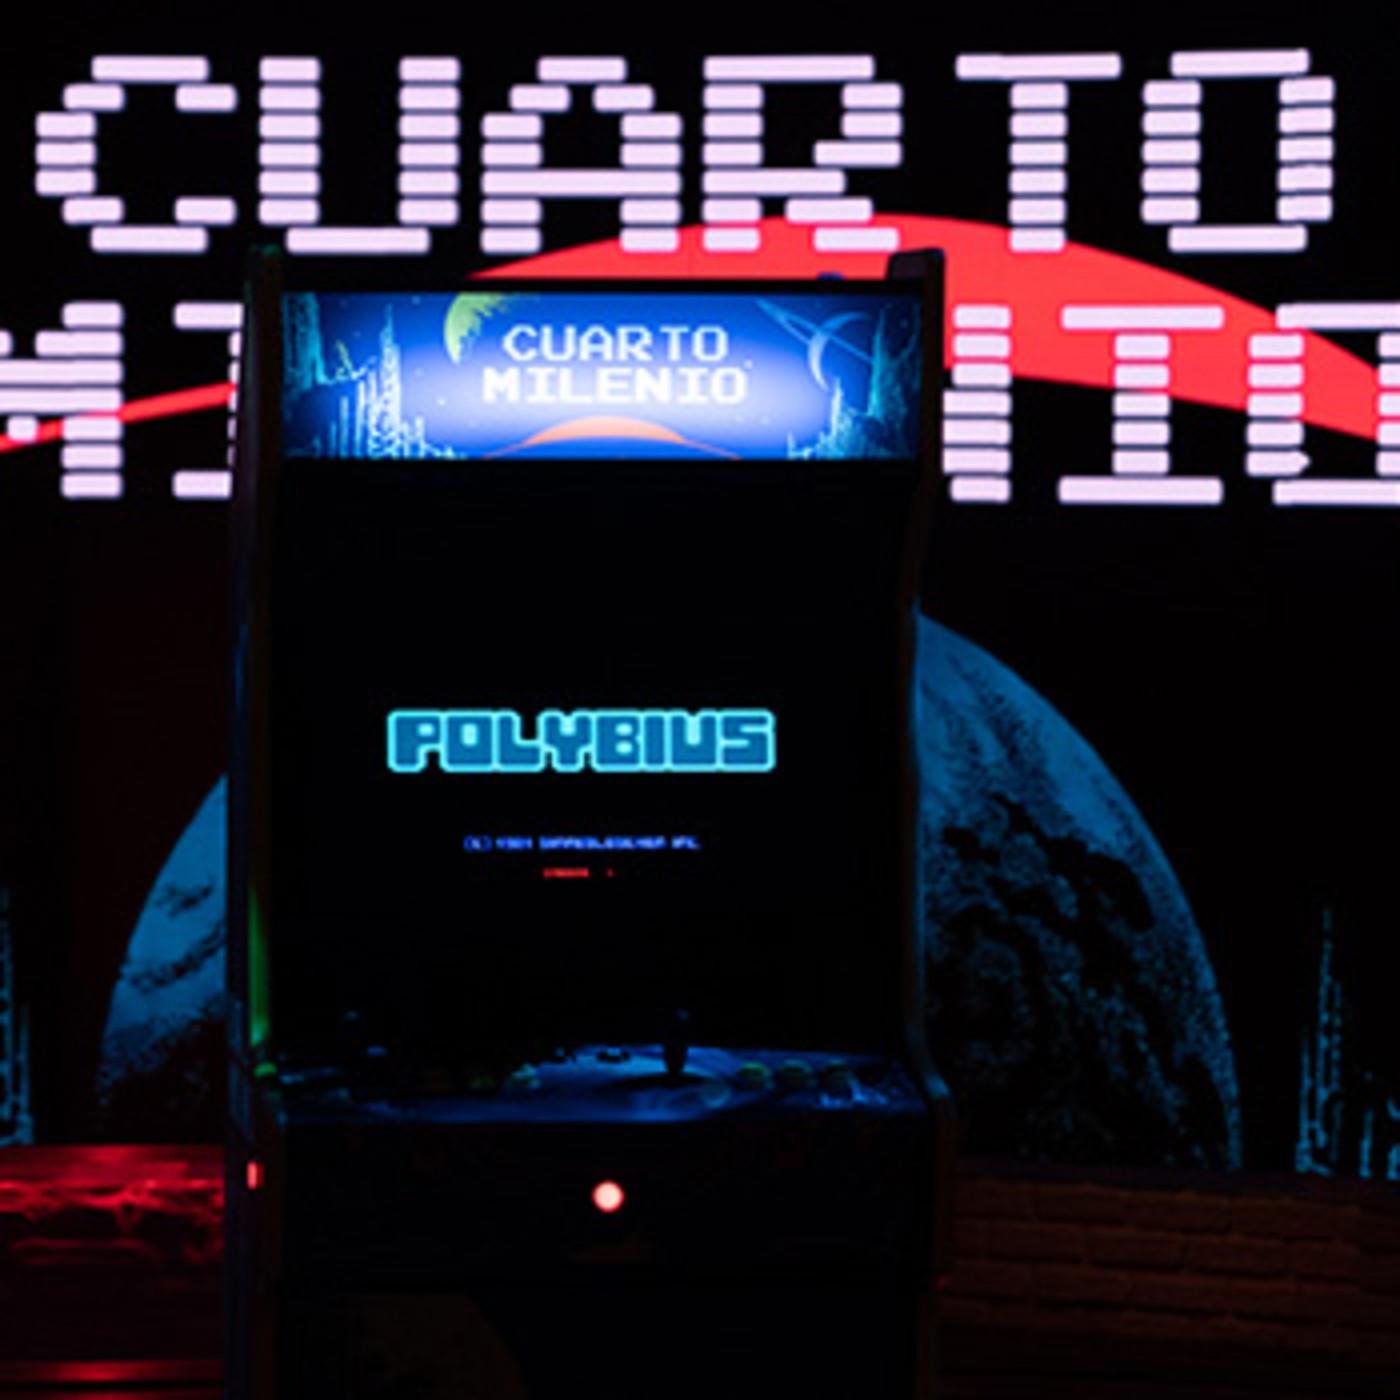 Cuarto Milenio: Polybius in Cuarto Milenio (Oficial) in mp3 ...